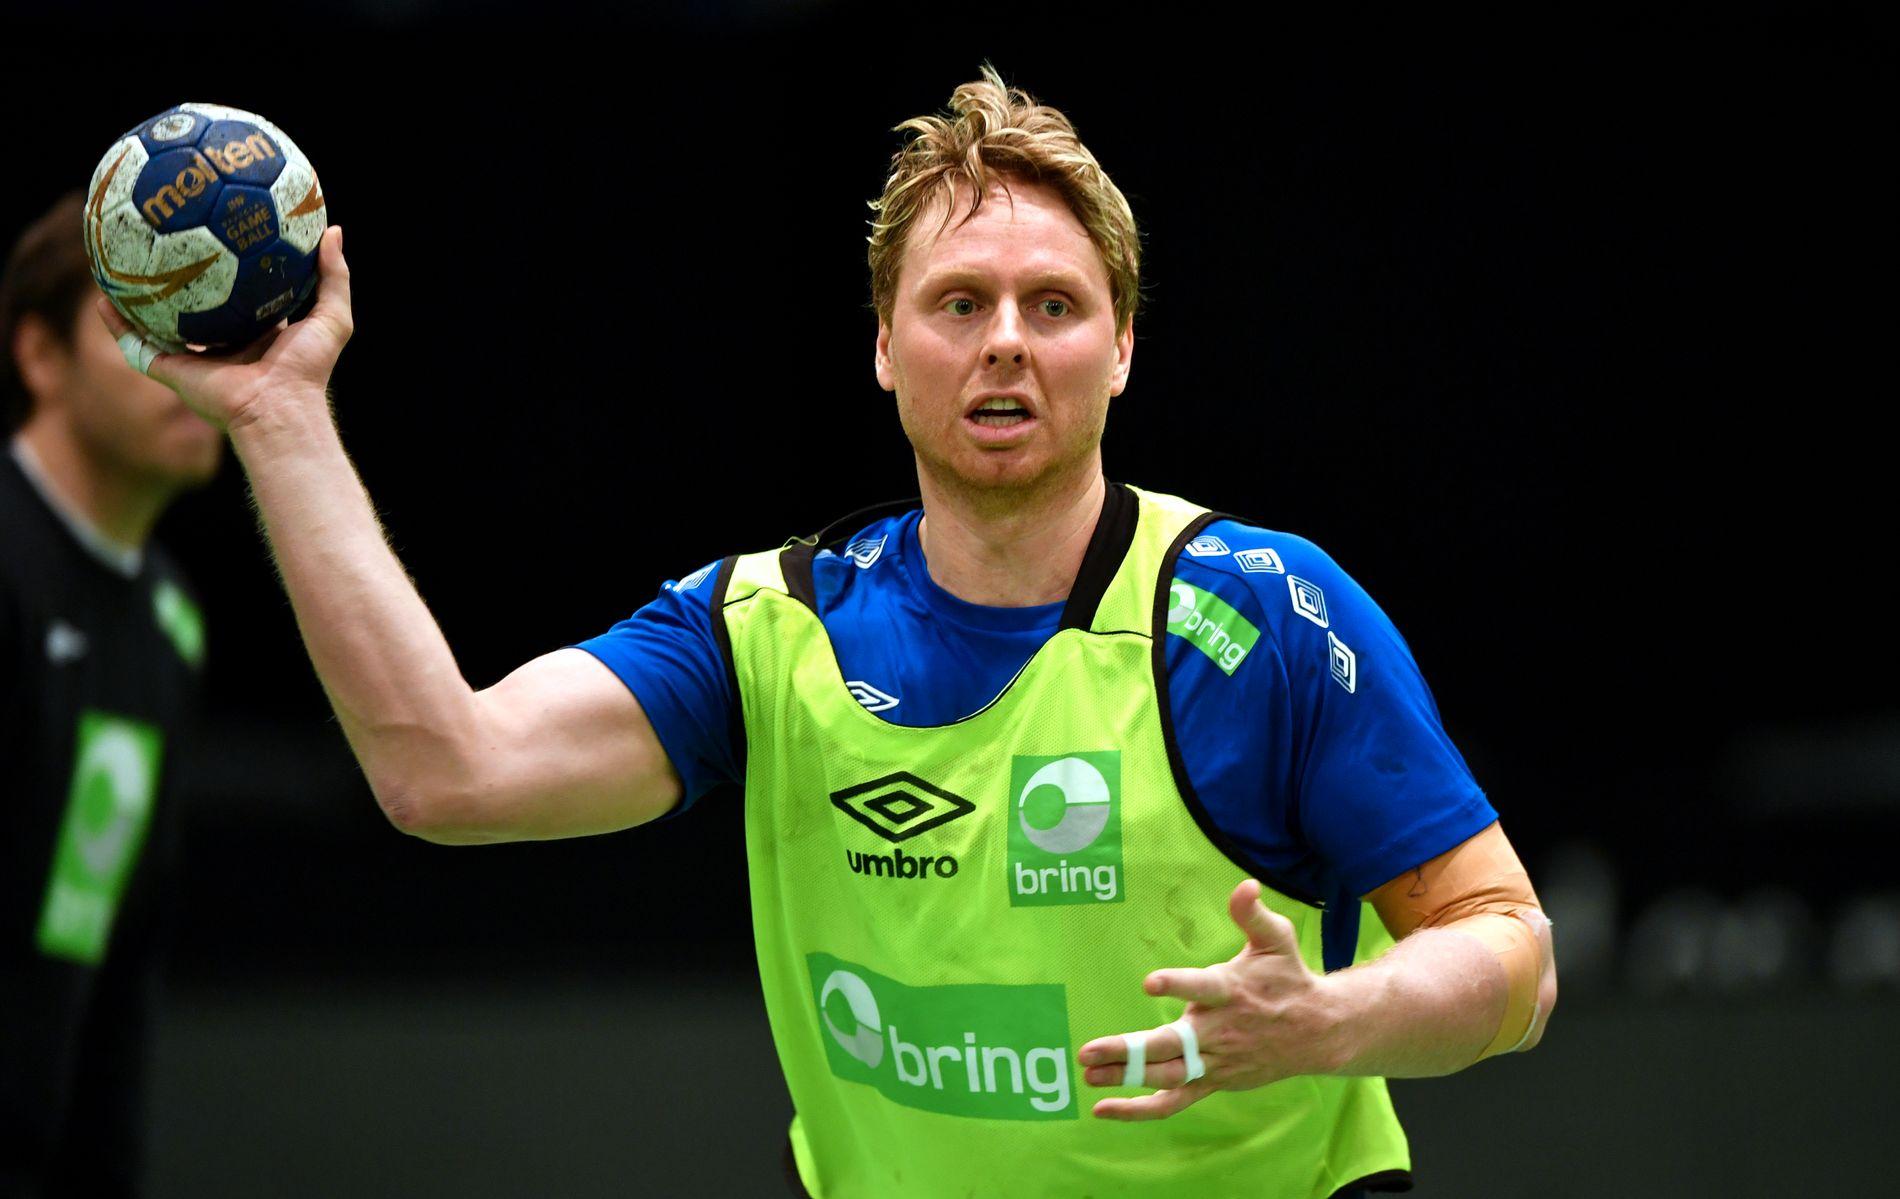 HÅNDBALLKJENDIS: Erlend Mamelund er misfornøyd med standarden på norske håndballdommere. Her fra trening da han spilte på herrelandslaget.